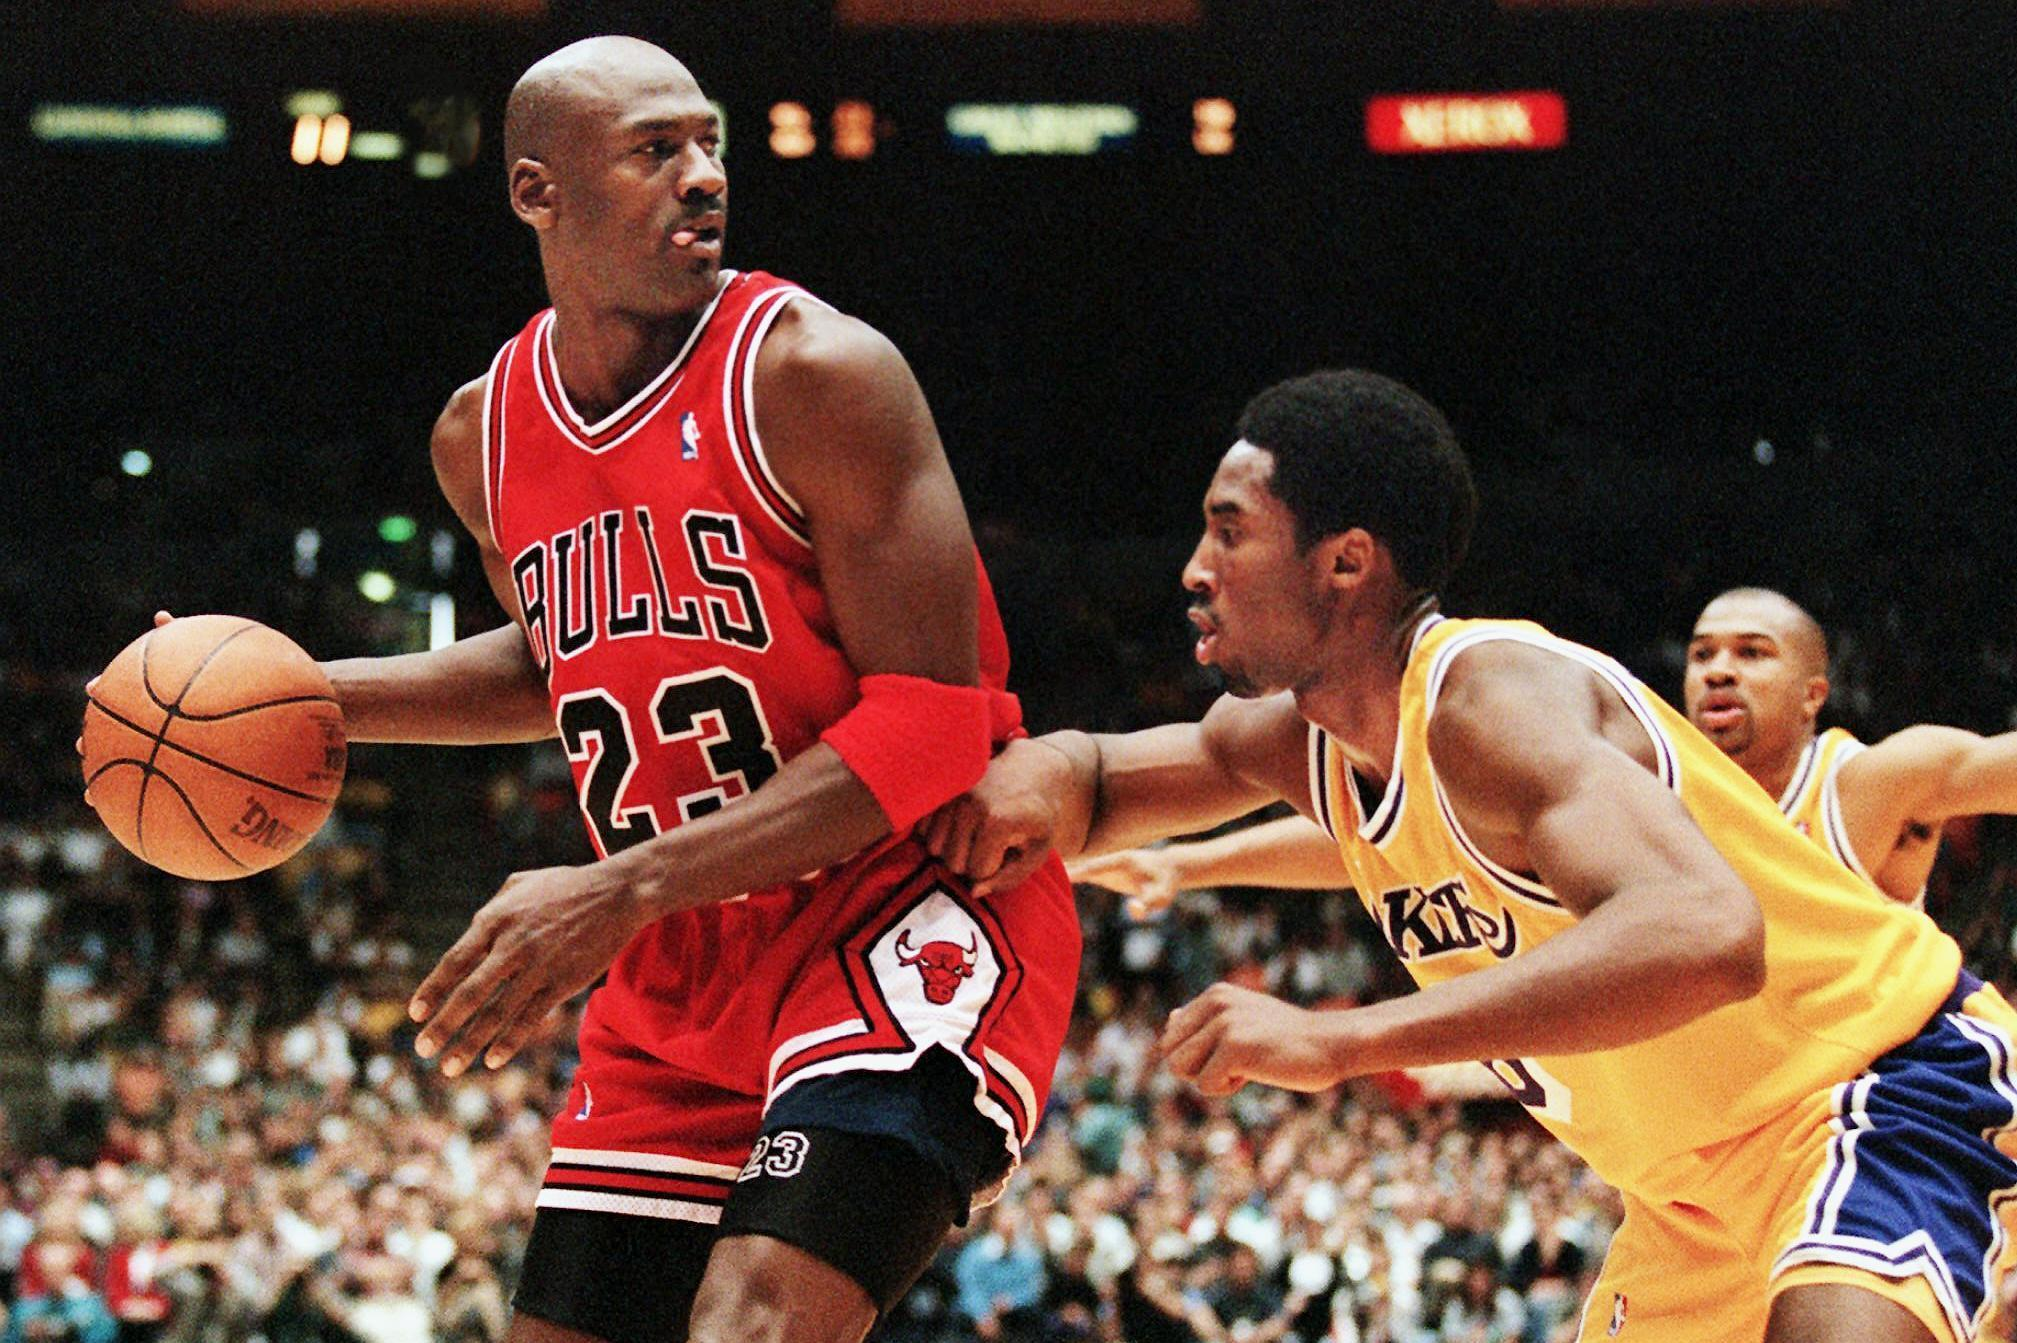 Kobe生涯前2年一共只首發7次,為何在1998年忽然就進入了全明星首發陣容?-Haters-黑特籃球NBA新聞影音圖片分享社區